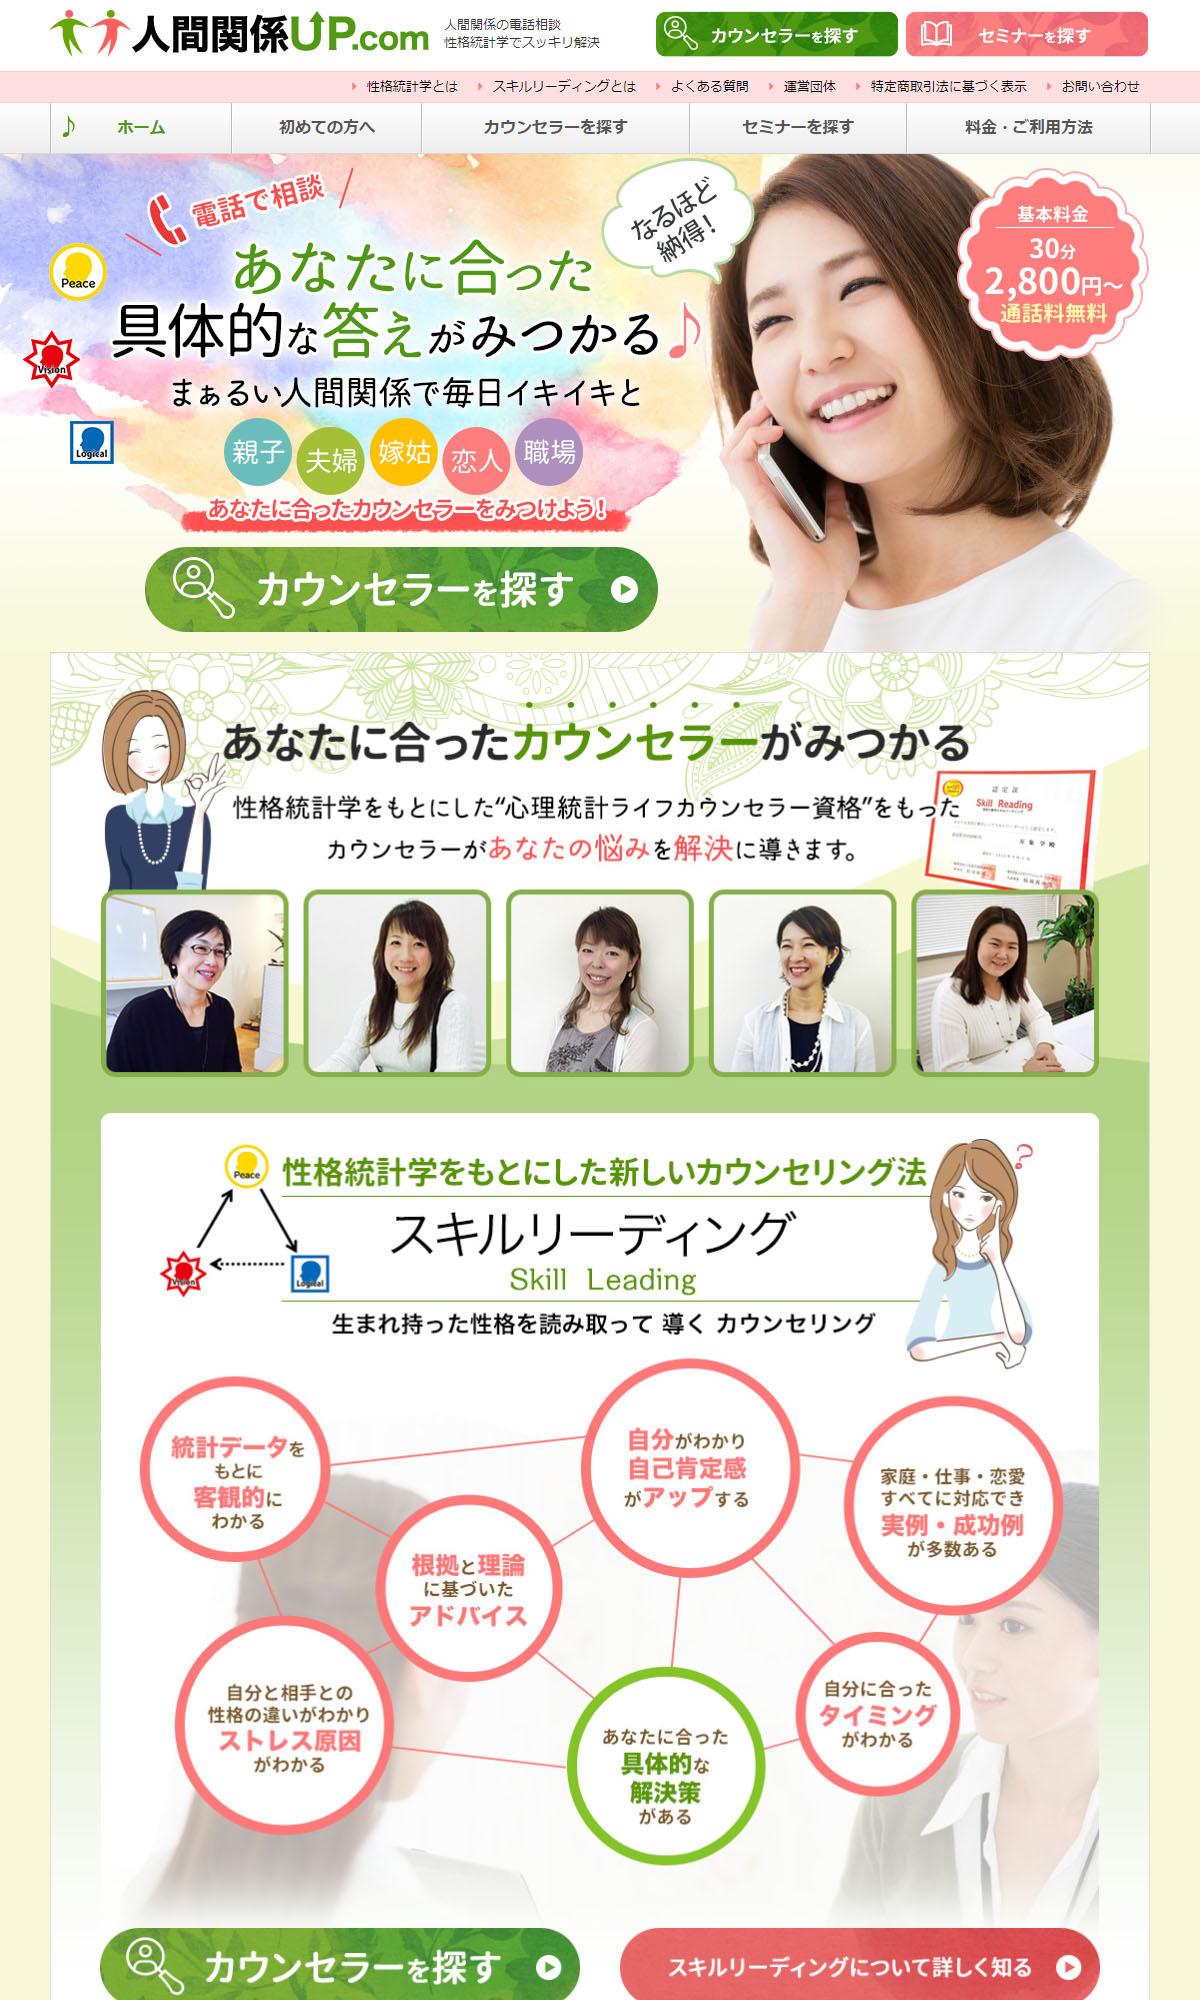 人間関係UP.com